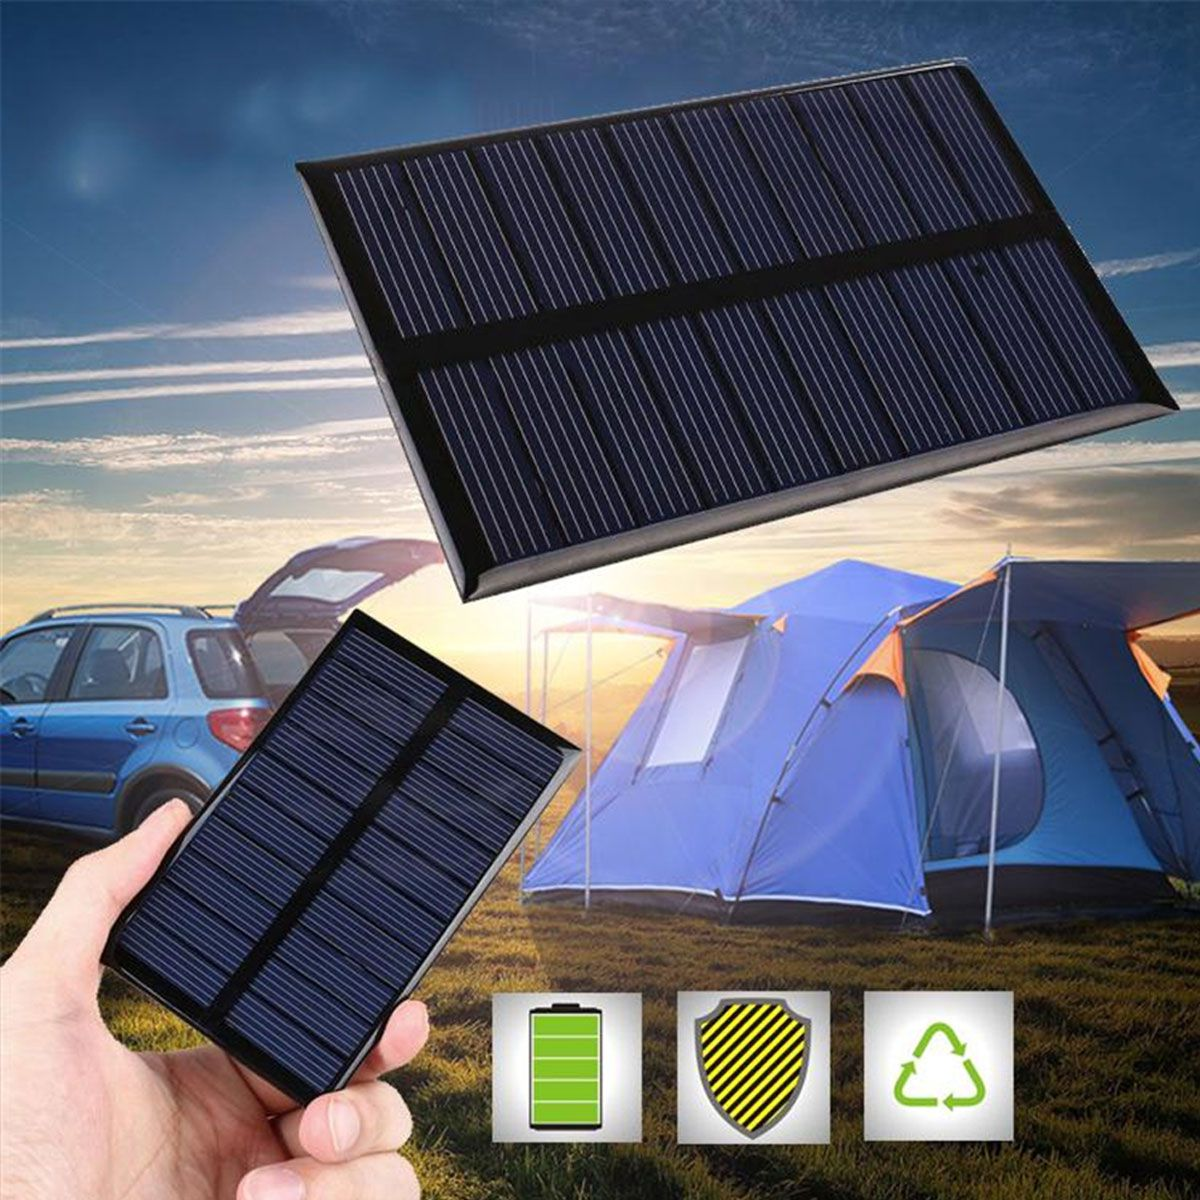 Mini Painel / Placa / Célula de Energia Solar Fotovoltaica 12v 0.125mA 1.5w